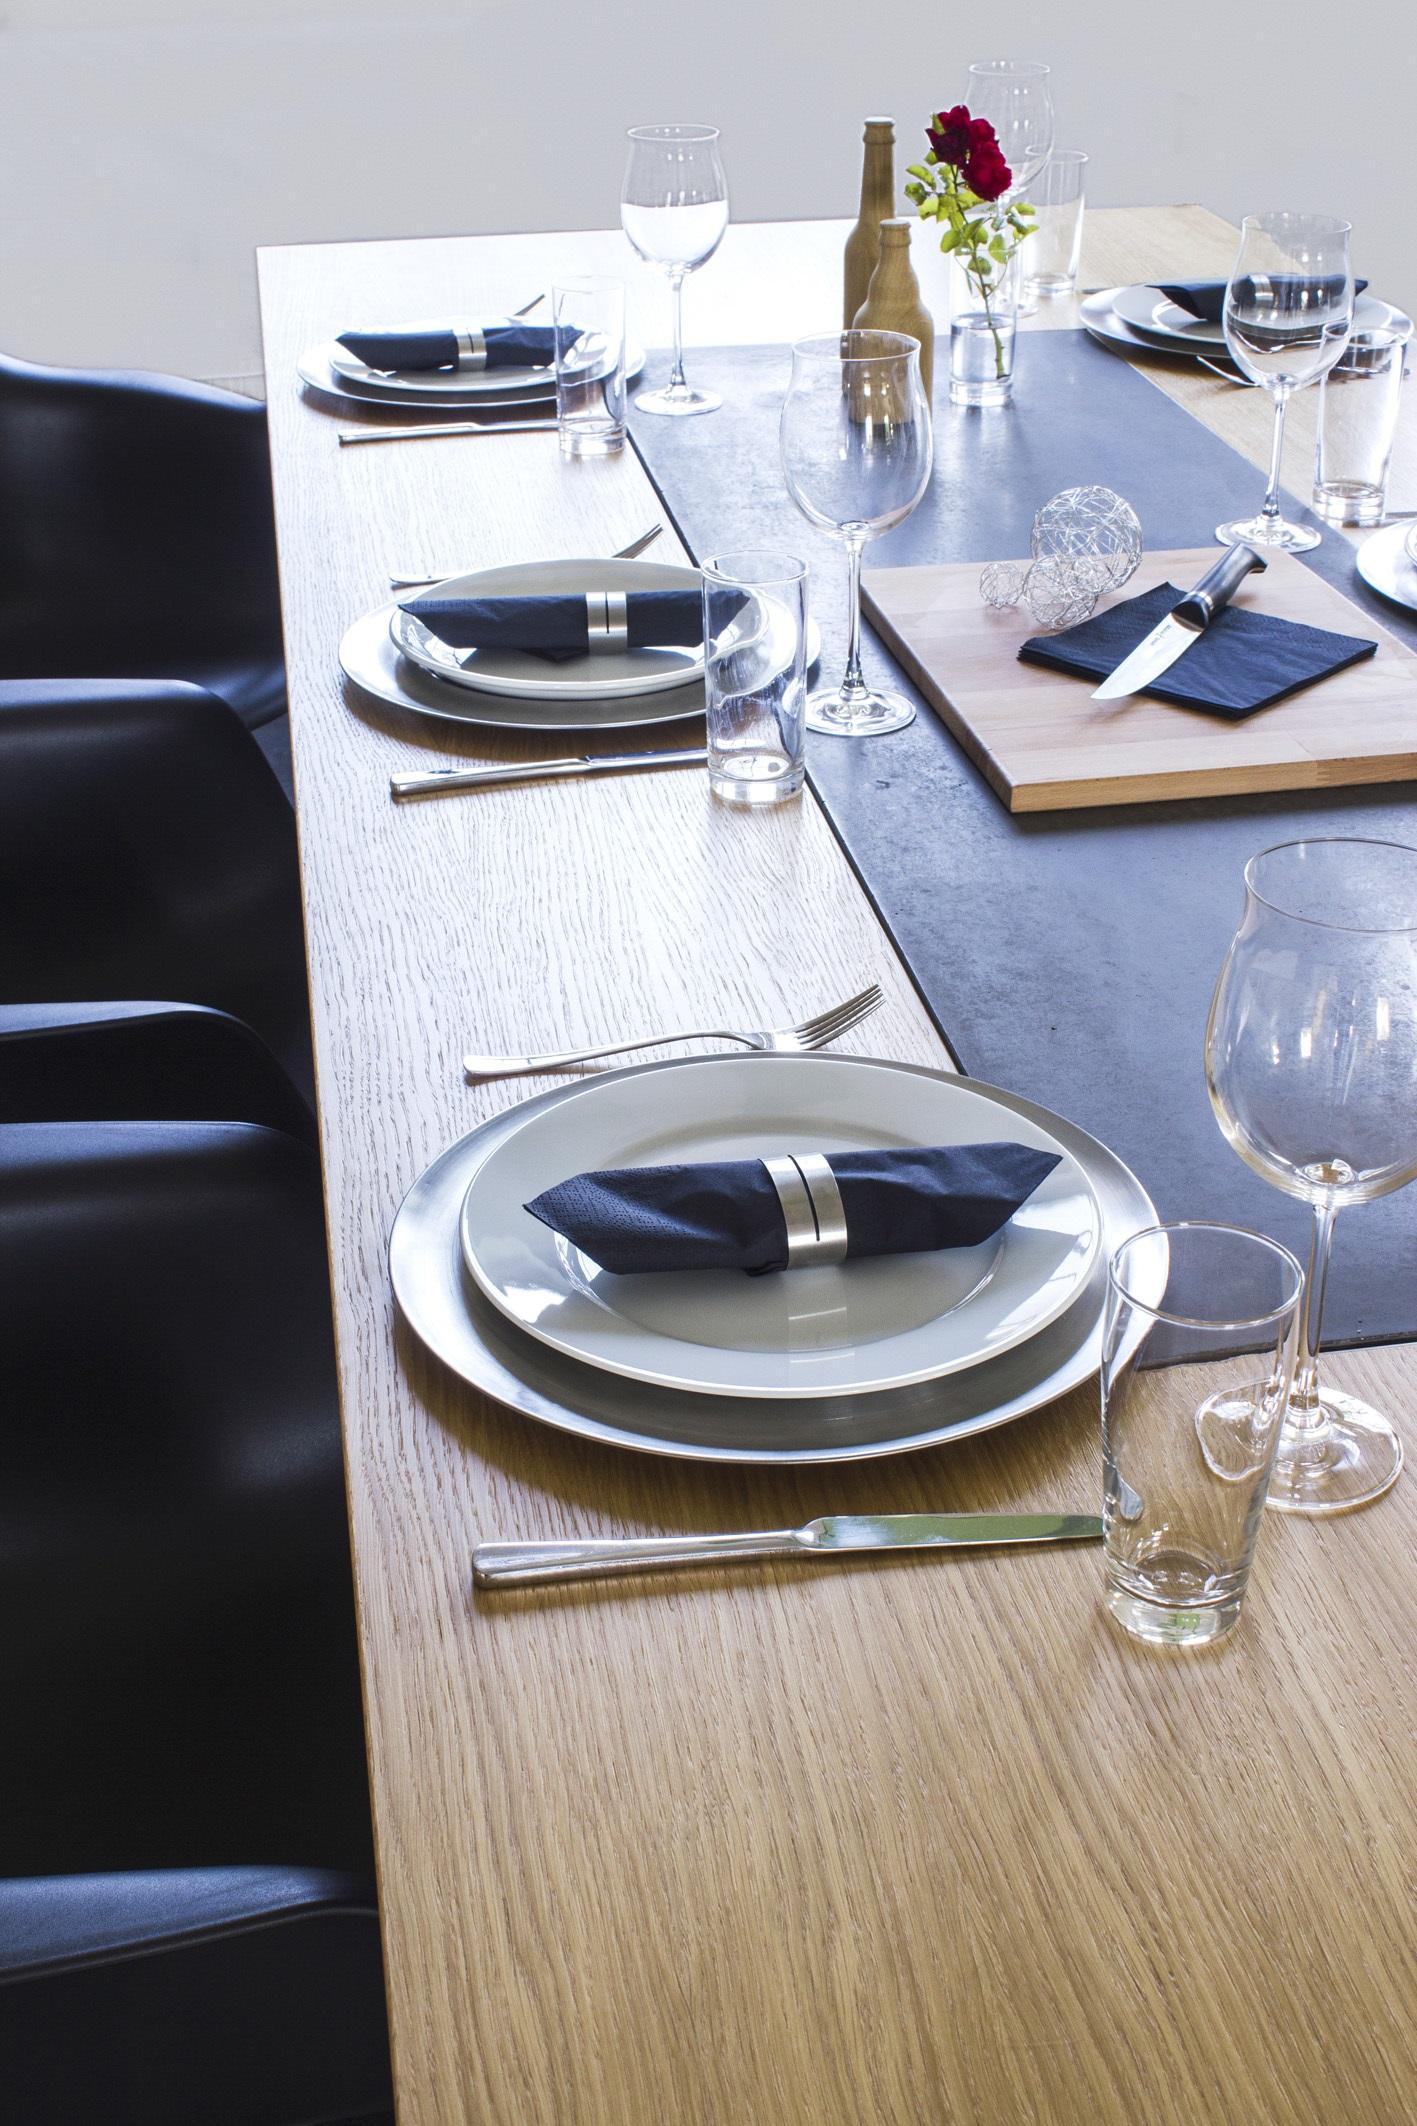 Moderner Esstisch Aus Holz Und Beton Tischdeko Betonmbel Betontisch Tischlufer